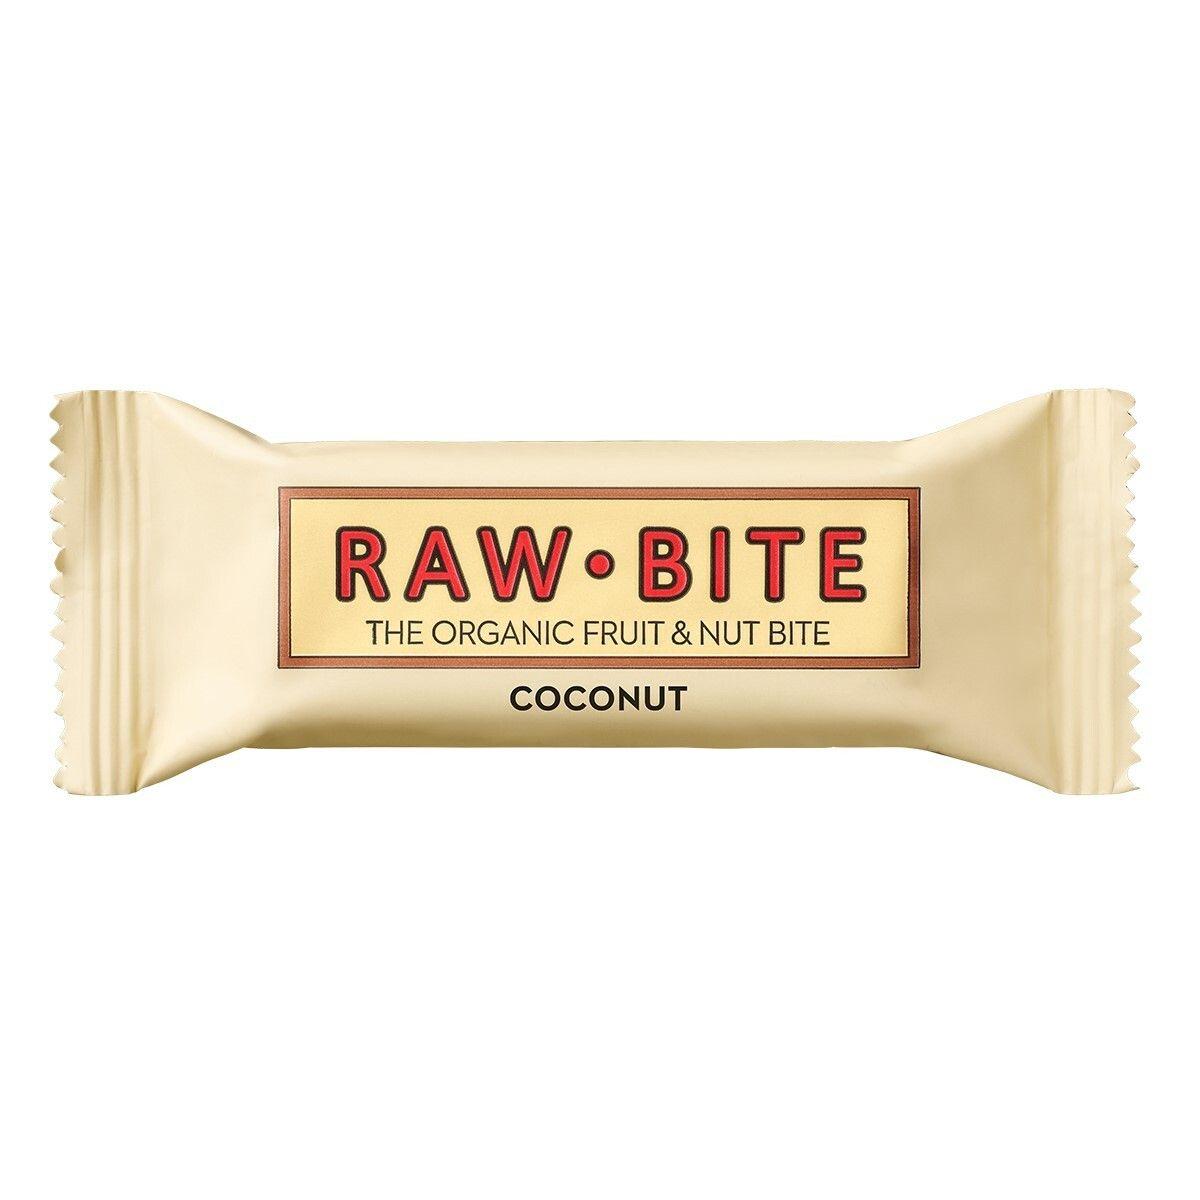 RAW BITE Bio Barres Noix de coco g barre(s)